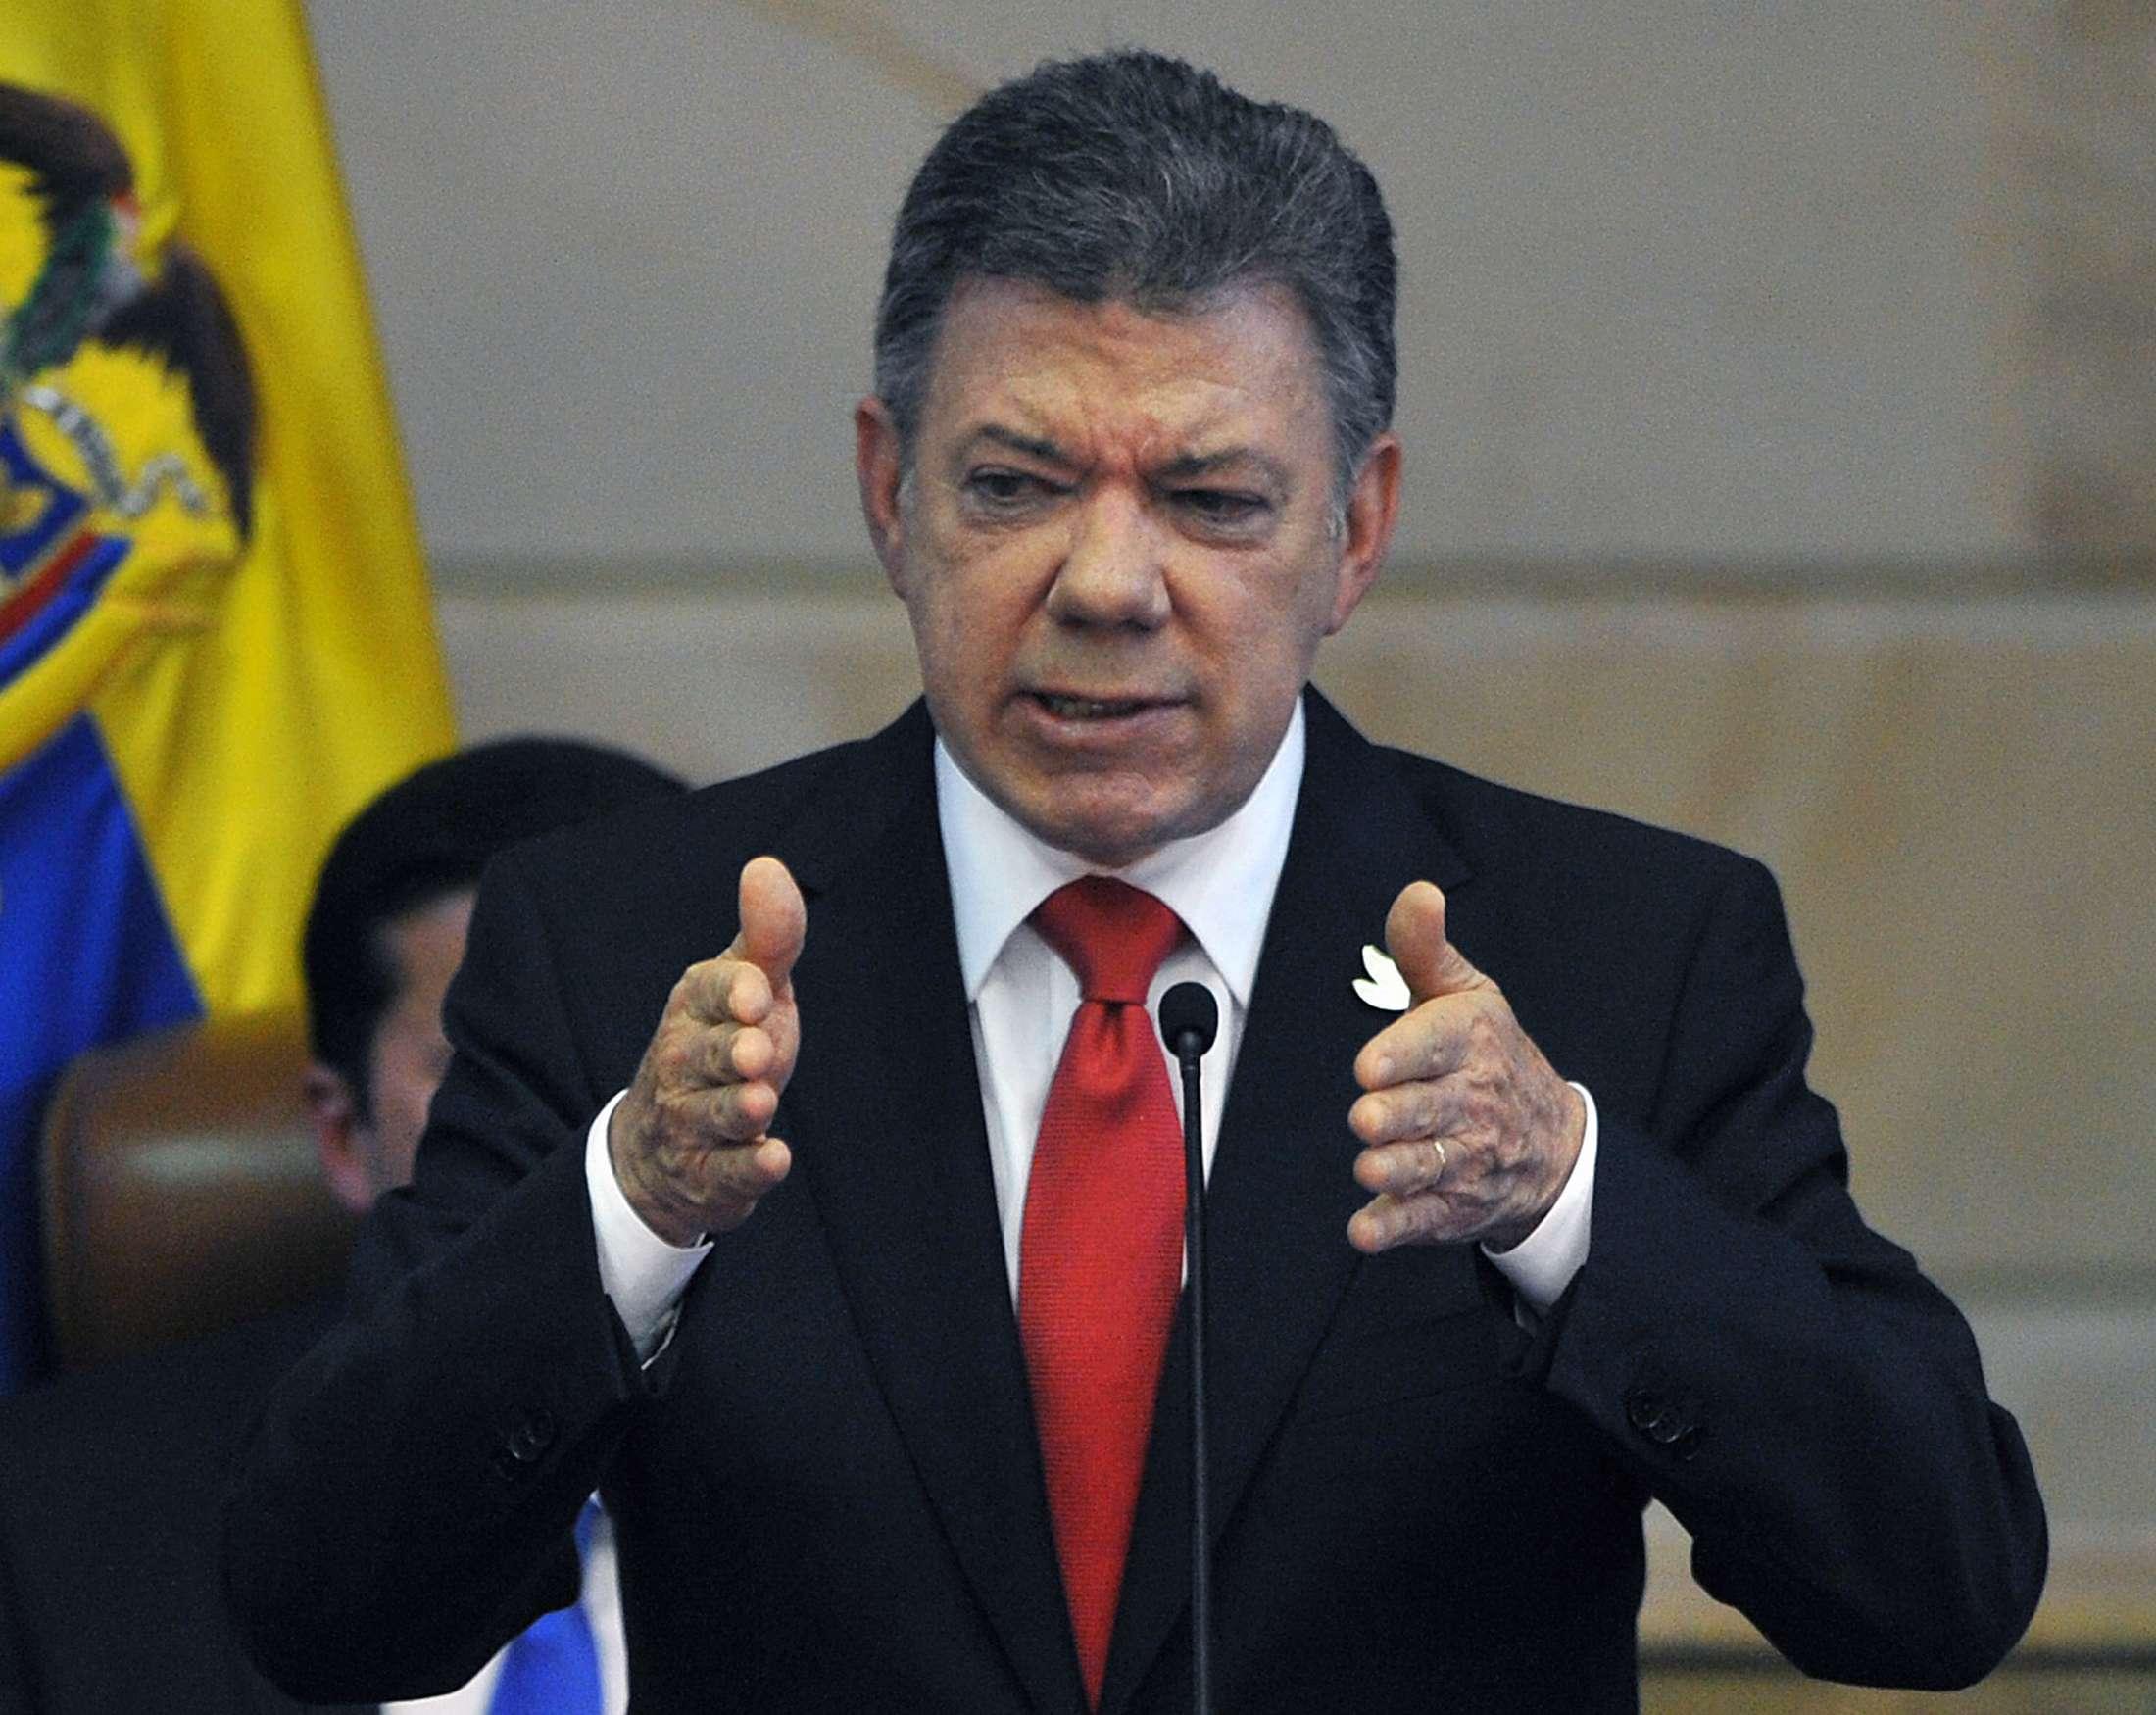 O presidente da Colômbia, Juan Manuel Santos, discursa durante a instalação do novo Congresso do país, em Bogotá Foto: AFP